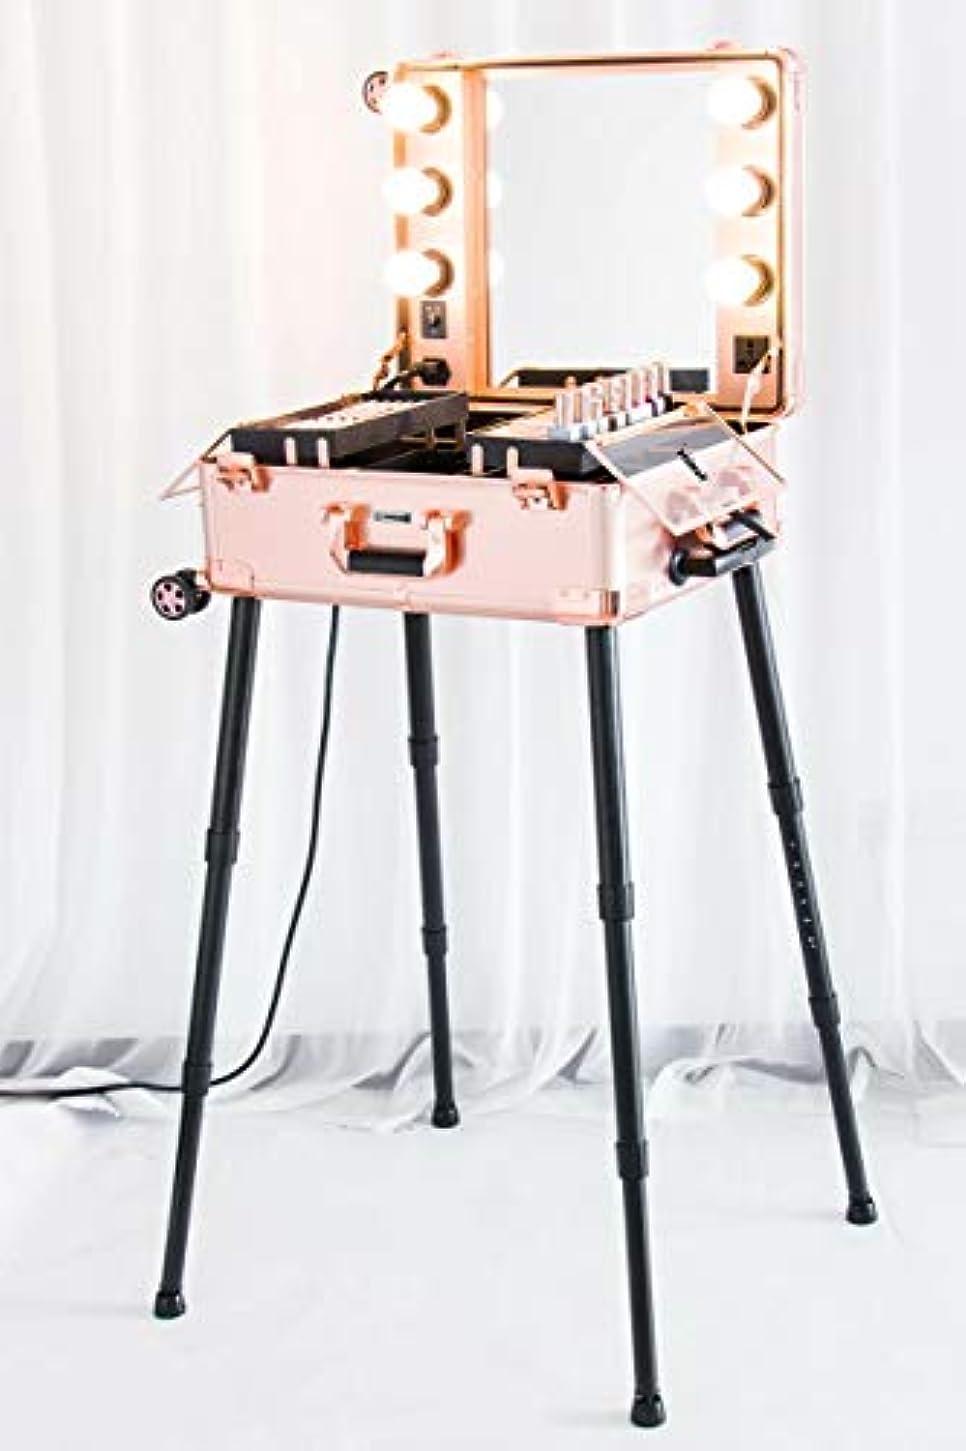 無関心一目休眠Kemier 頑丈な化粧ケースプロ アーティスト スタジオ化粧列車4つ ローリングホイール&ライト付きテーブル&ミラープロ メイクアップステーションカバーボードと簡単にきれいな拡張トレイ調整可能な足 腰椎クッション-2412...